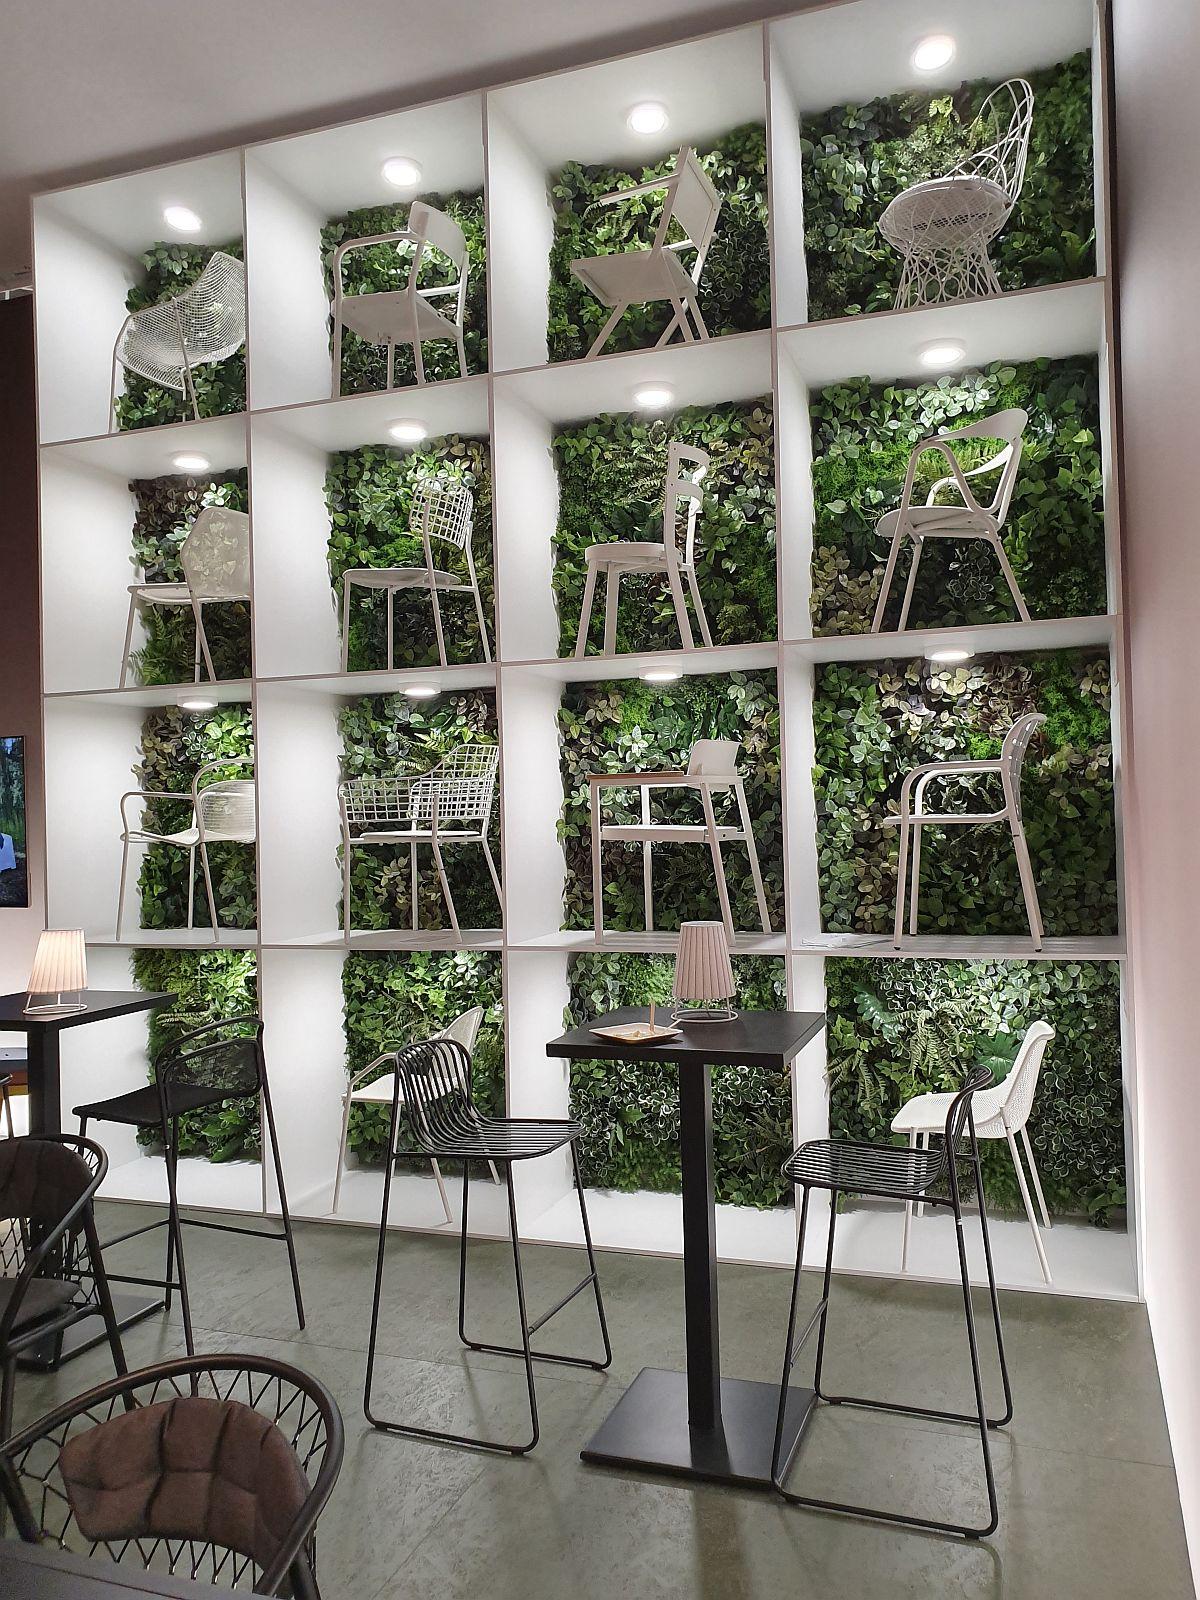 Fundal pentru piese de mobiler cu plante în standul Emu, firmă specializată în mobilier de exterior.